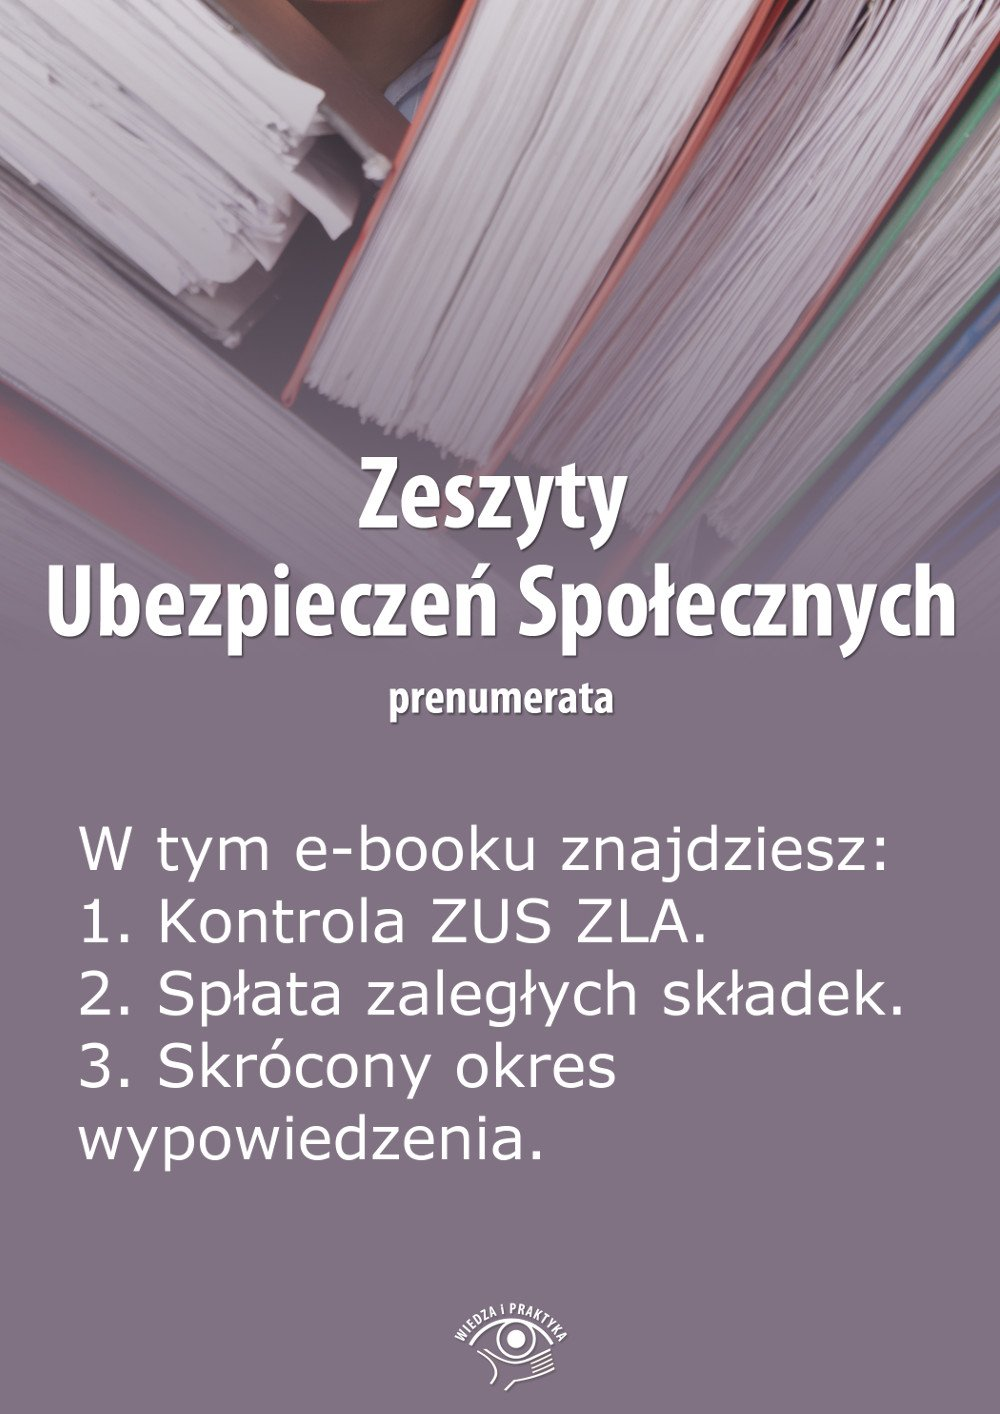 Zeszyty Ubezpieczeń Społecznych. Wydanie lipiec 2014 r. - Ebook (Książka EPUB) do pobrania w formacie EPUB